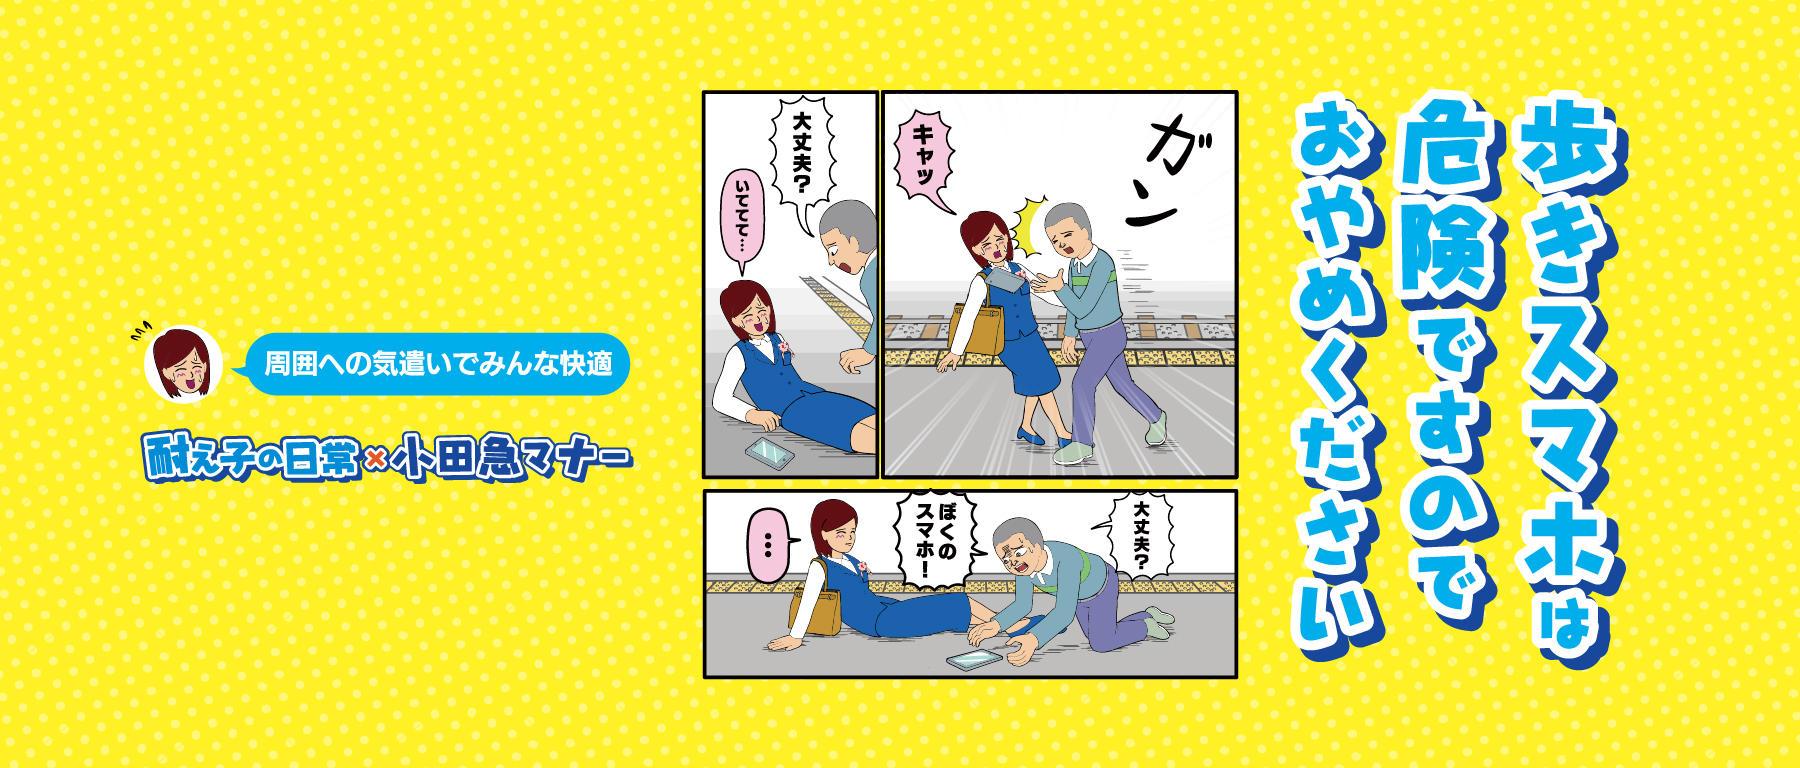 シュールな漫画が目を惹く!「耐え子の日常」を活用したマナー啓発!